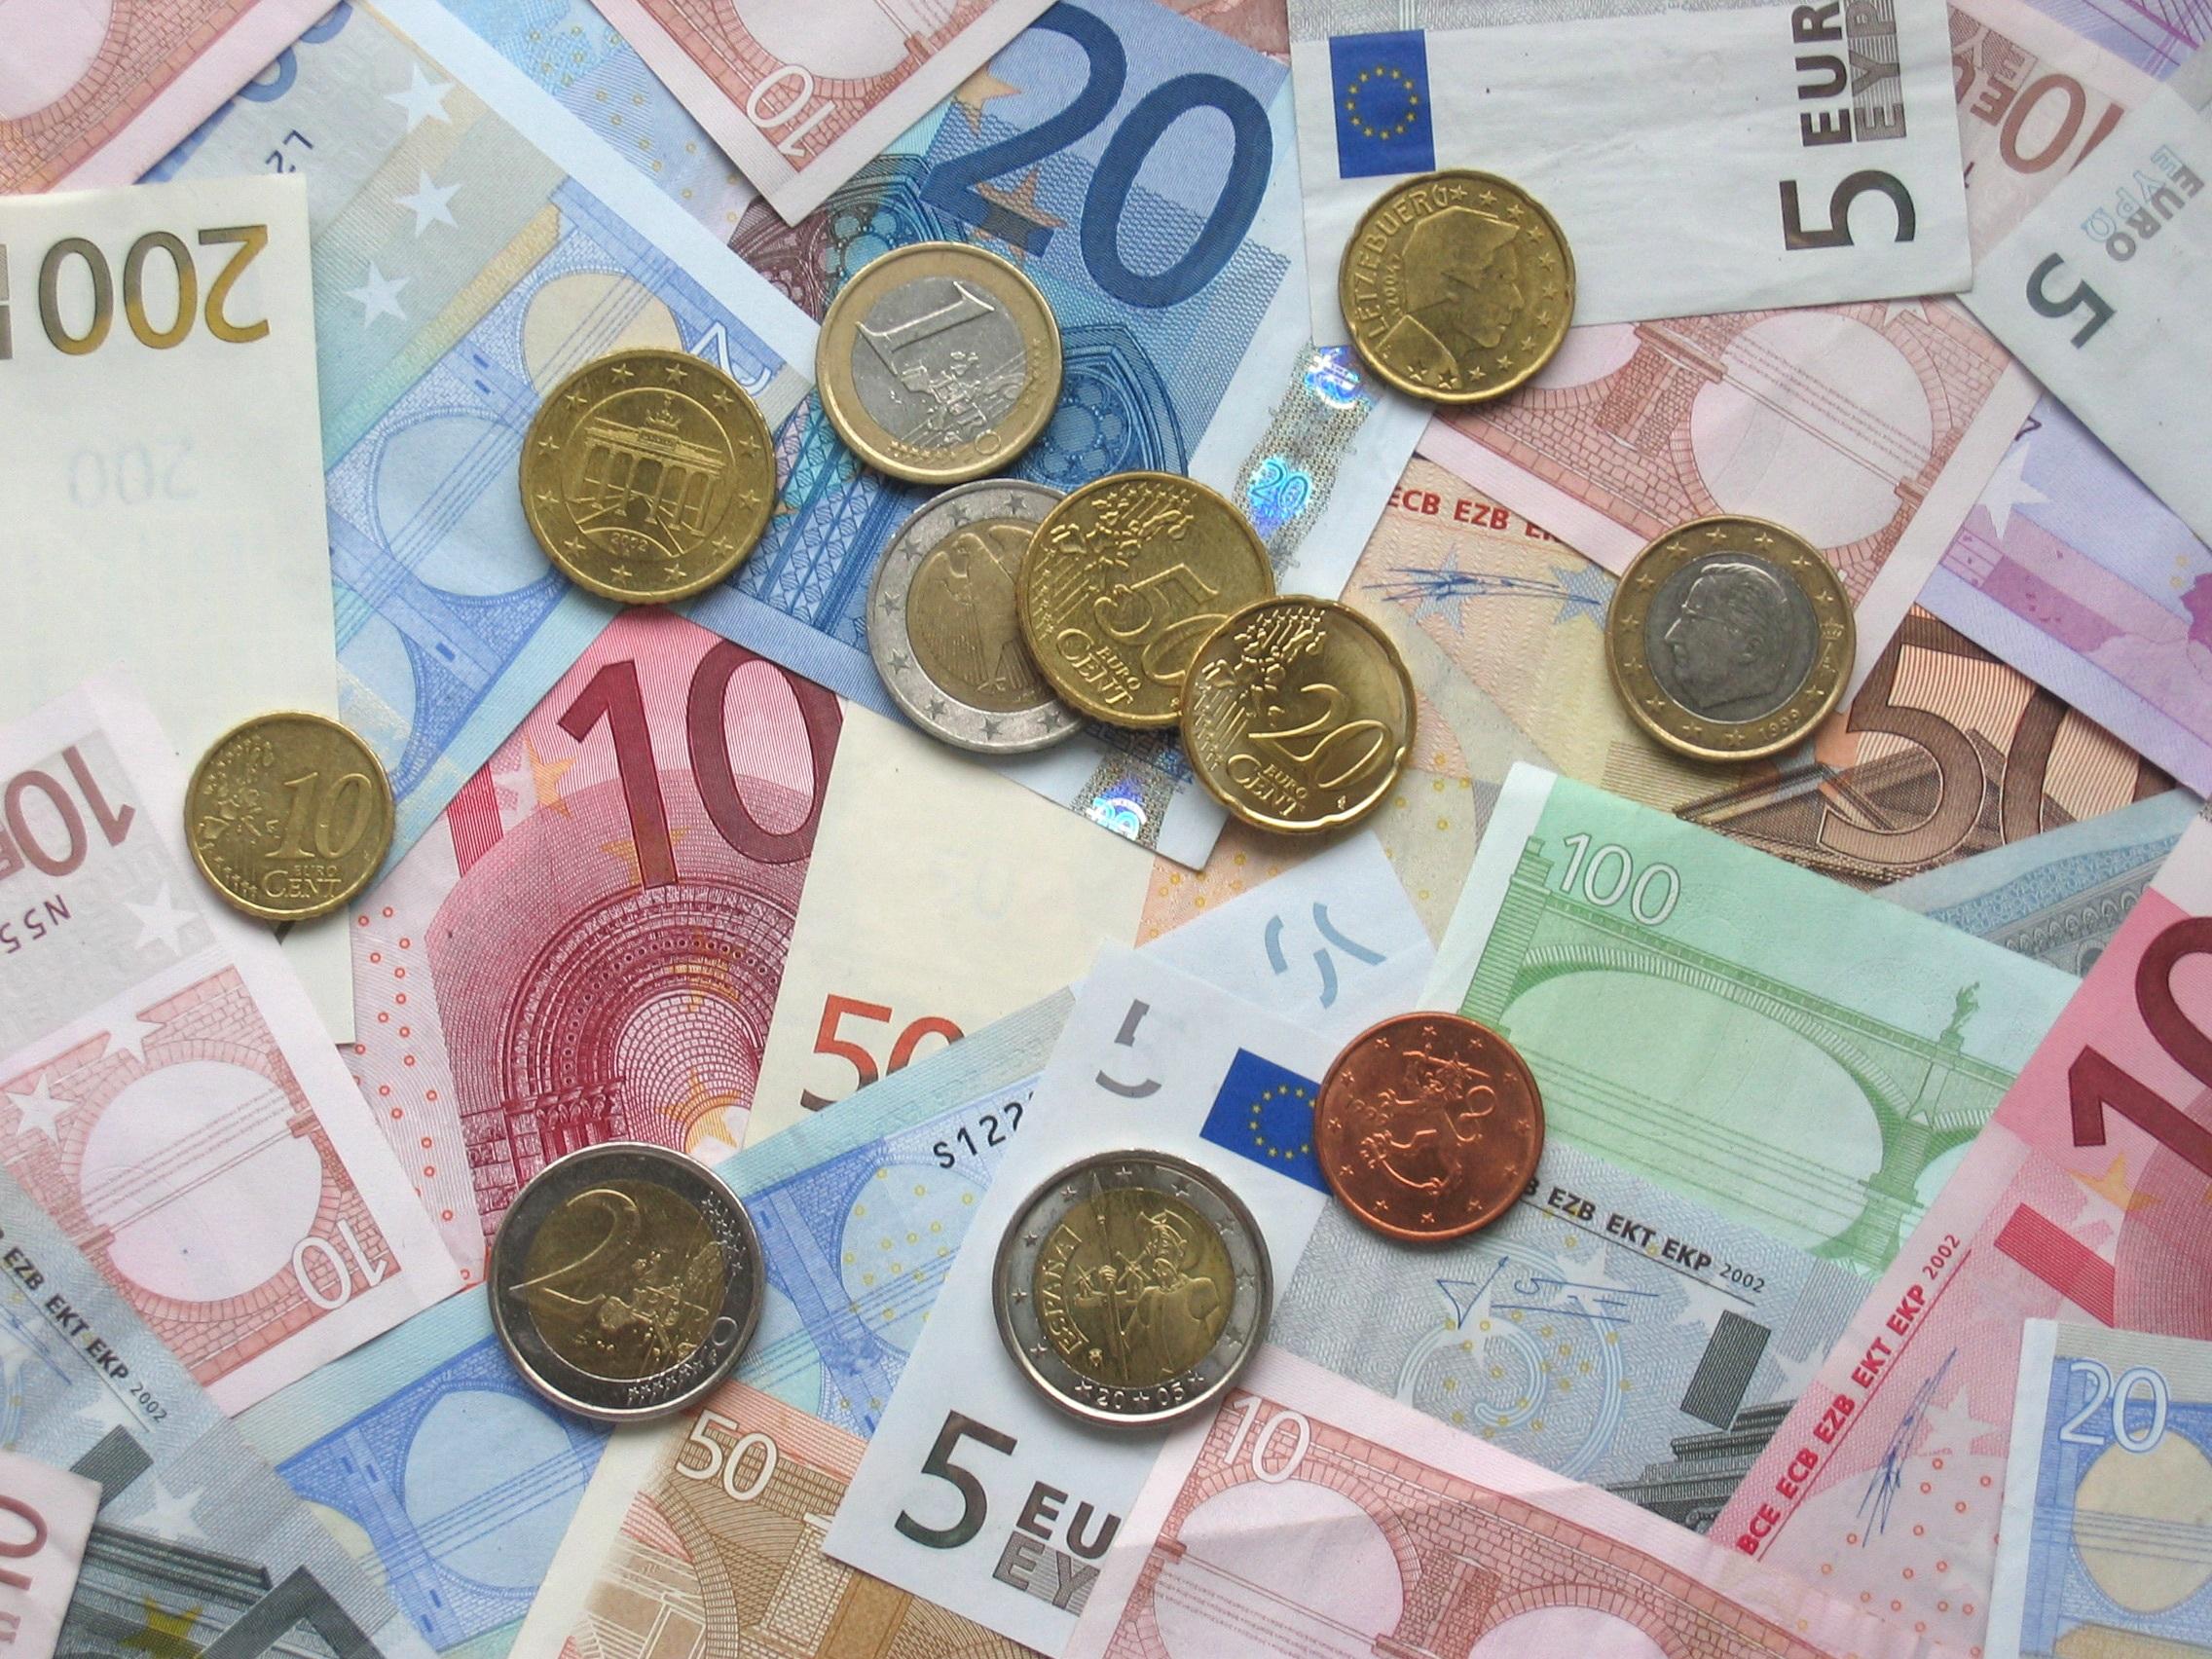 Bild von Geldscheinen und Geldmünzen